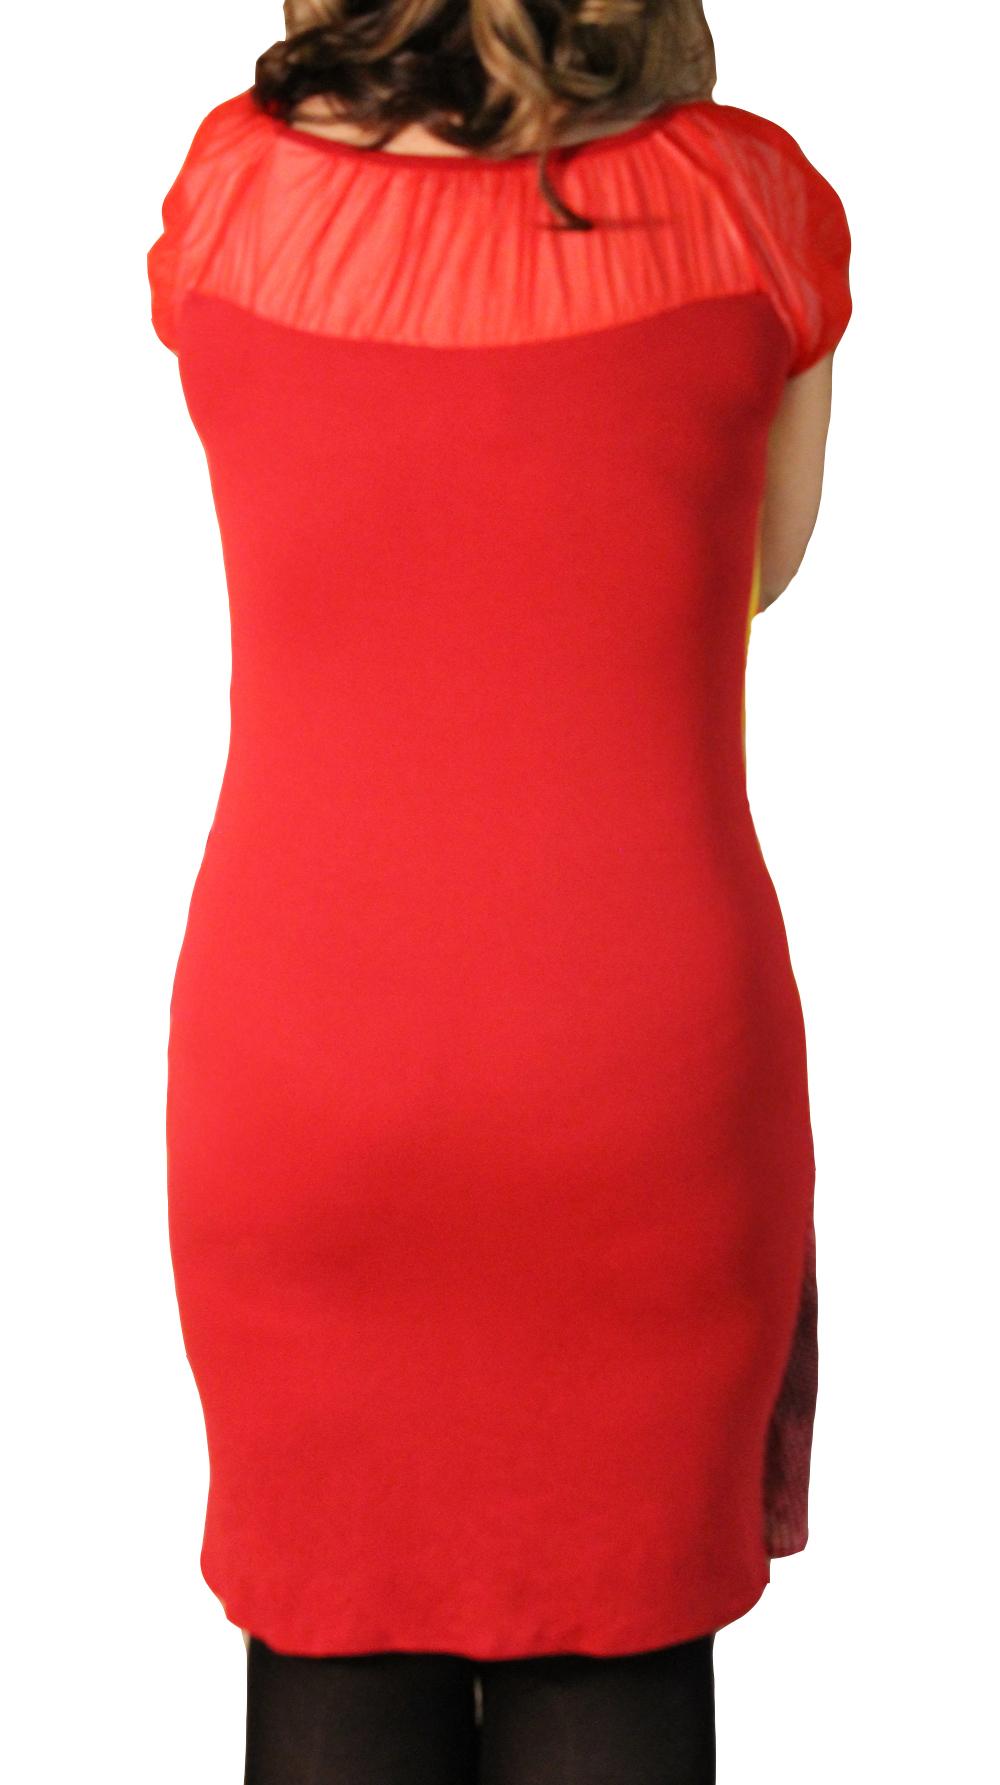 2026 Paris Grace On Fire Dress (Blue, Red)